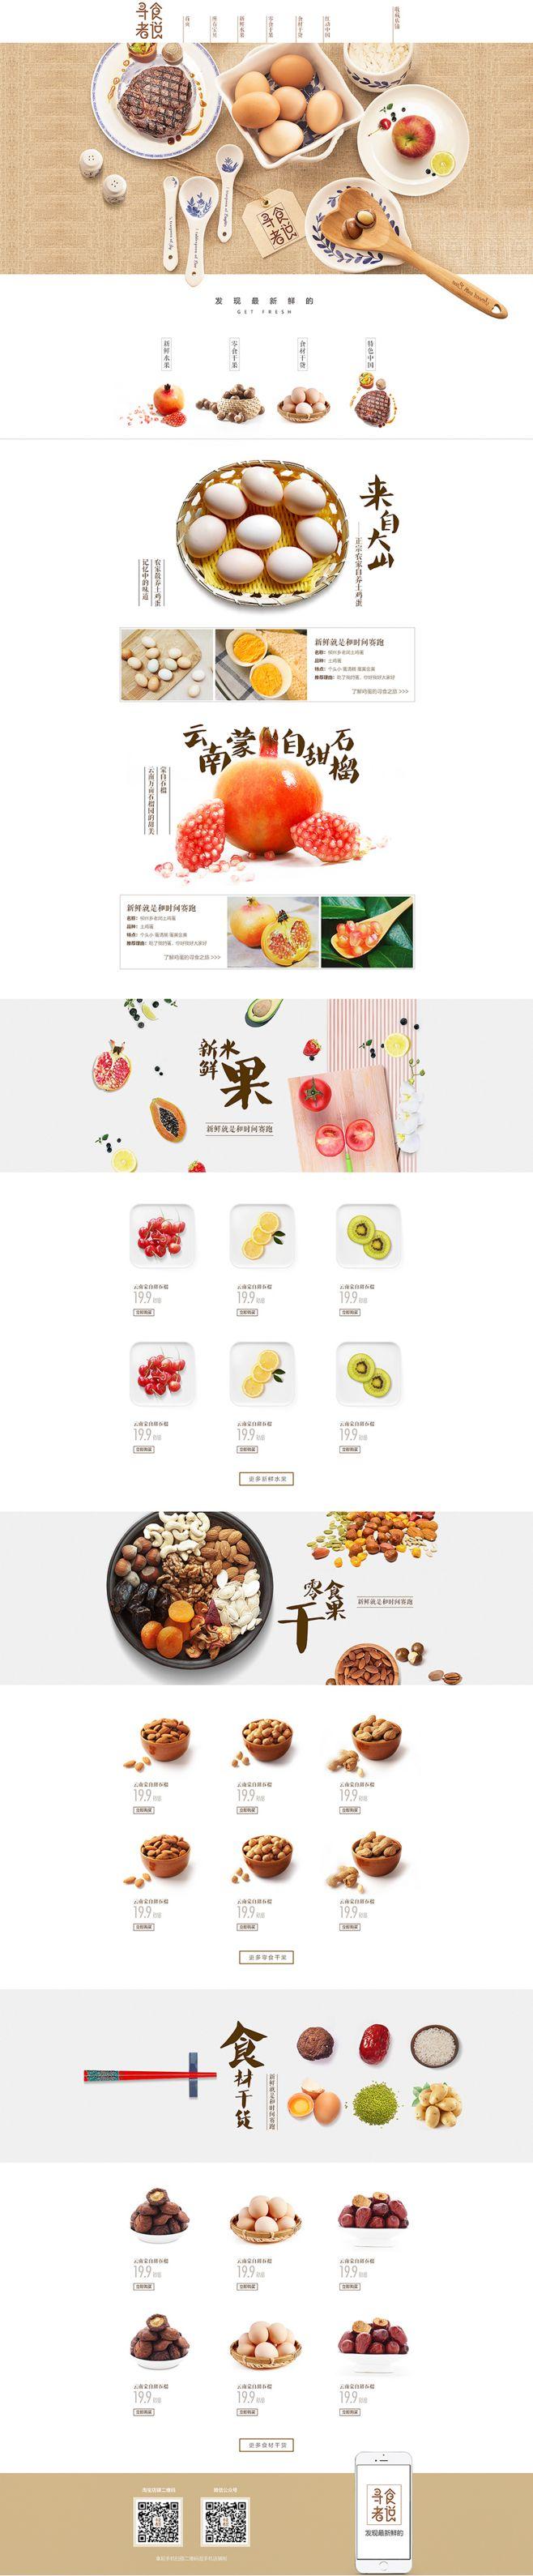 食品类目首页【清新】|电子商务/商城|网...